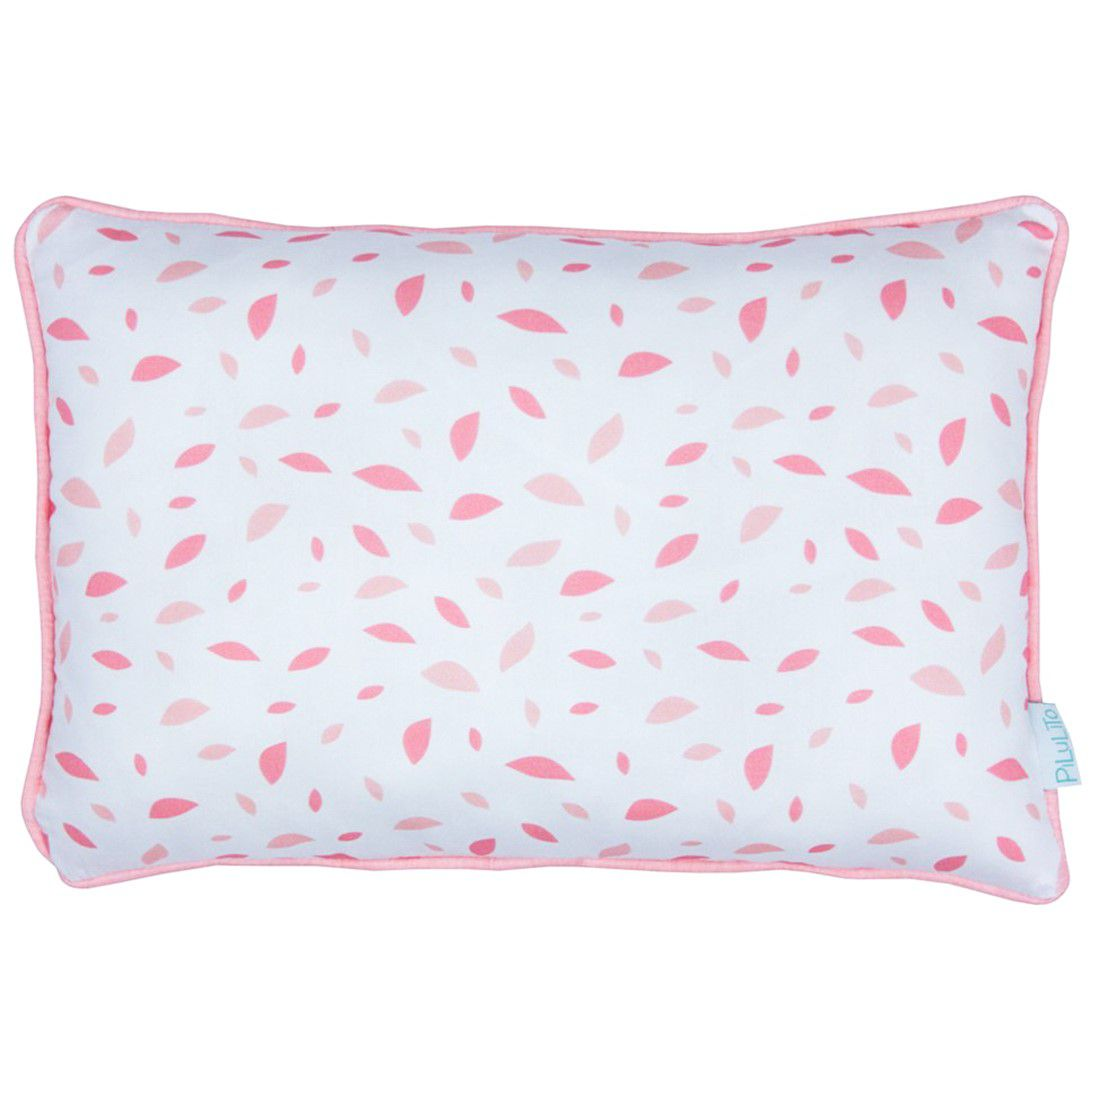 Capa de almofada 45x30cm chão de folhas rosa chá